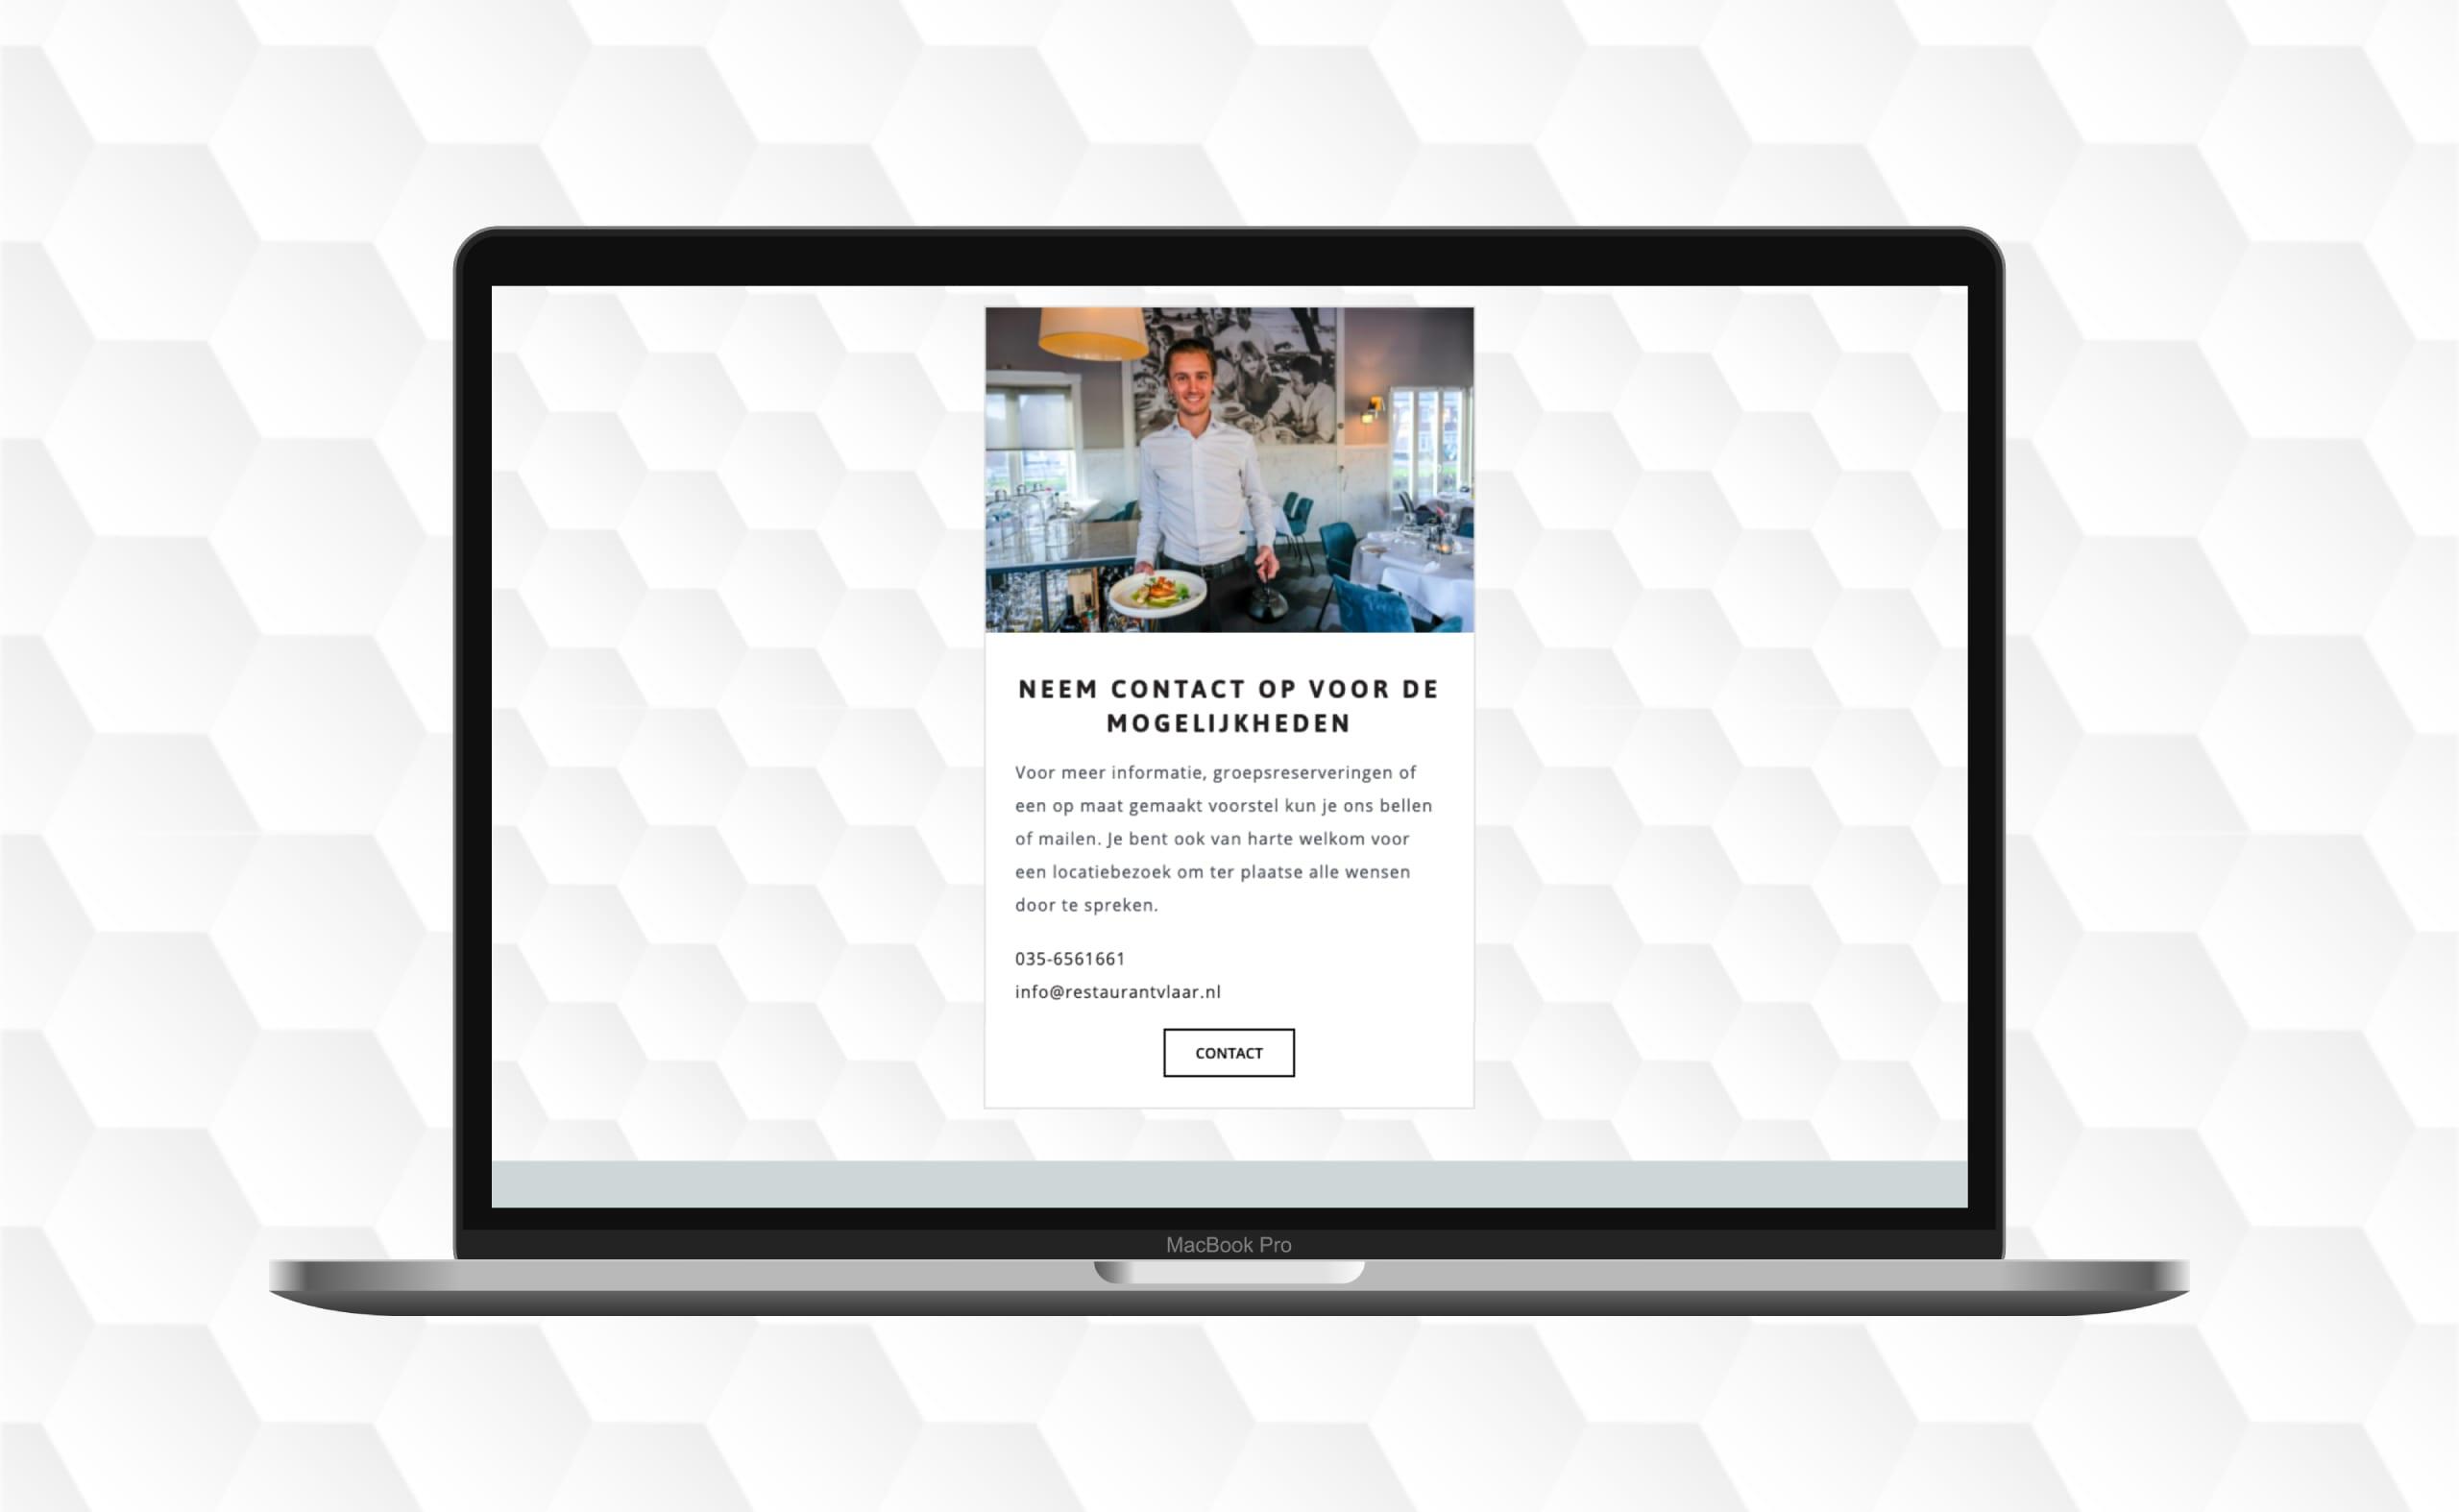 Restaurant Vlaar | Go2People Websites